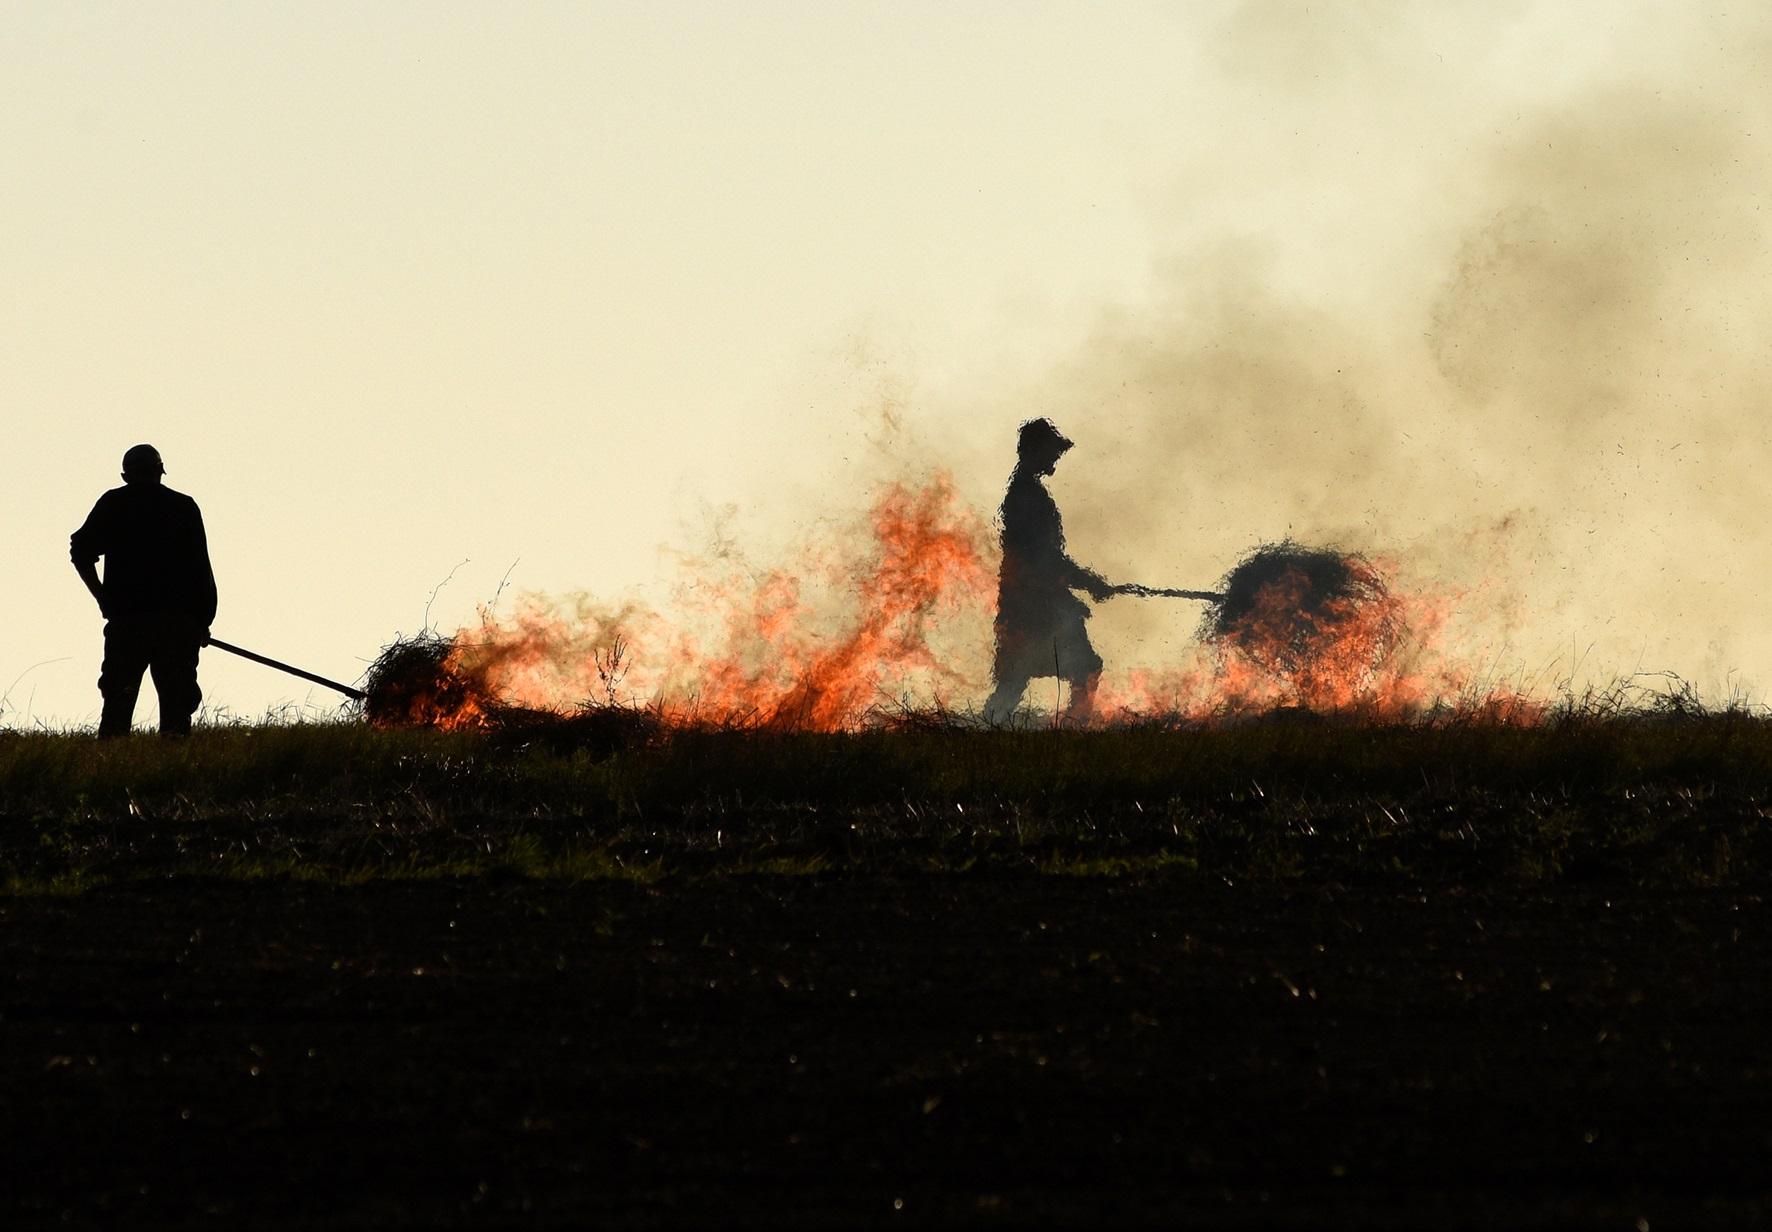 ЛОДА пропонує збільшити штраф за спалювання сухої трави до 42 тис грн